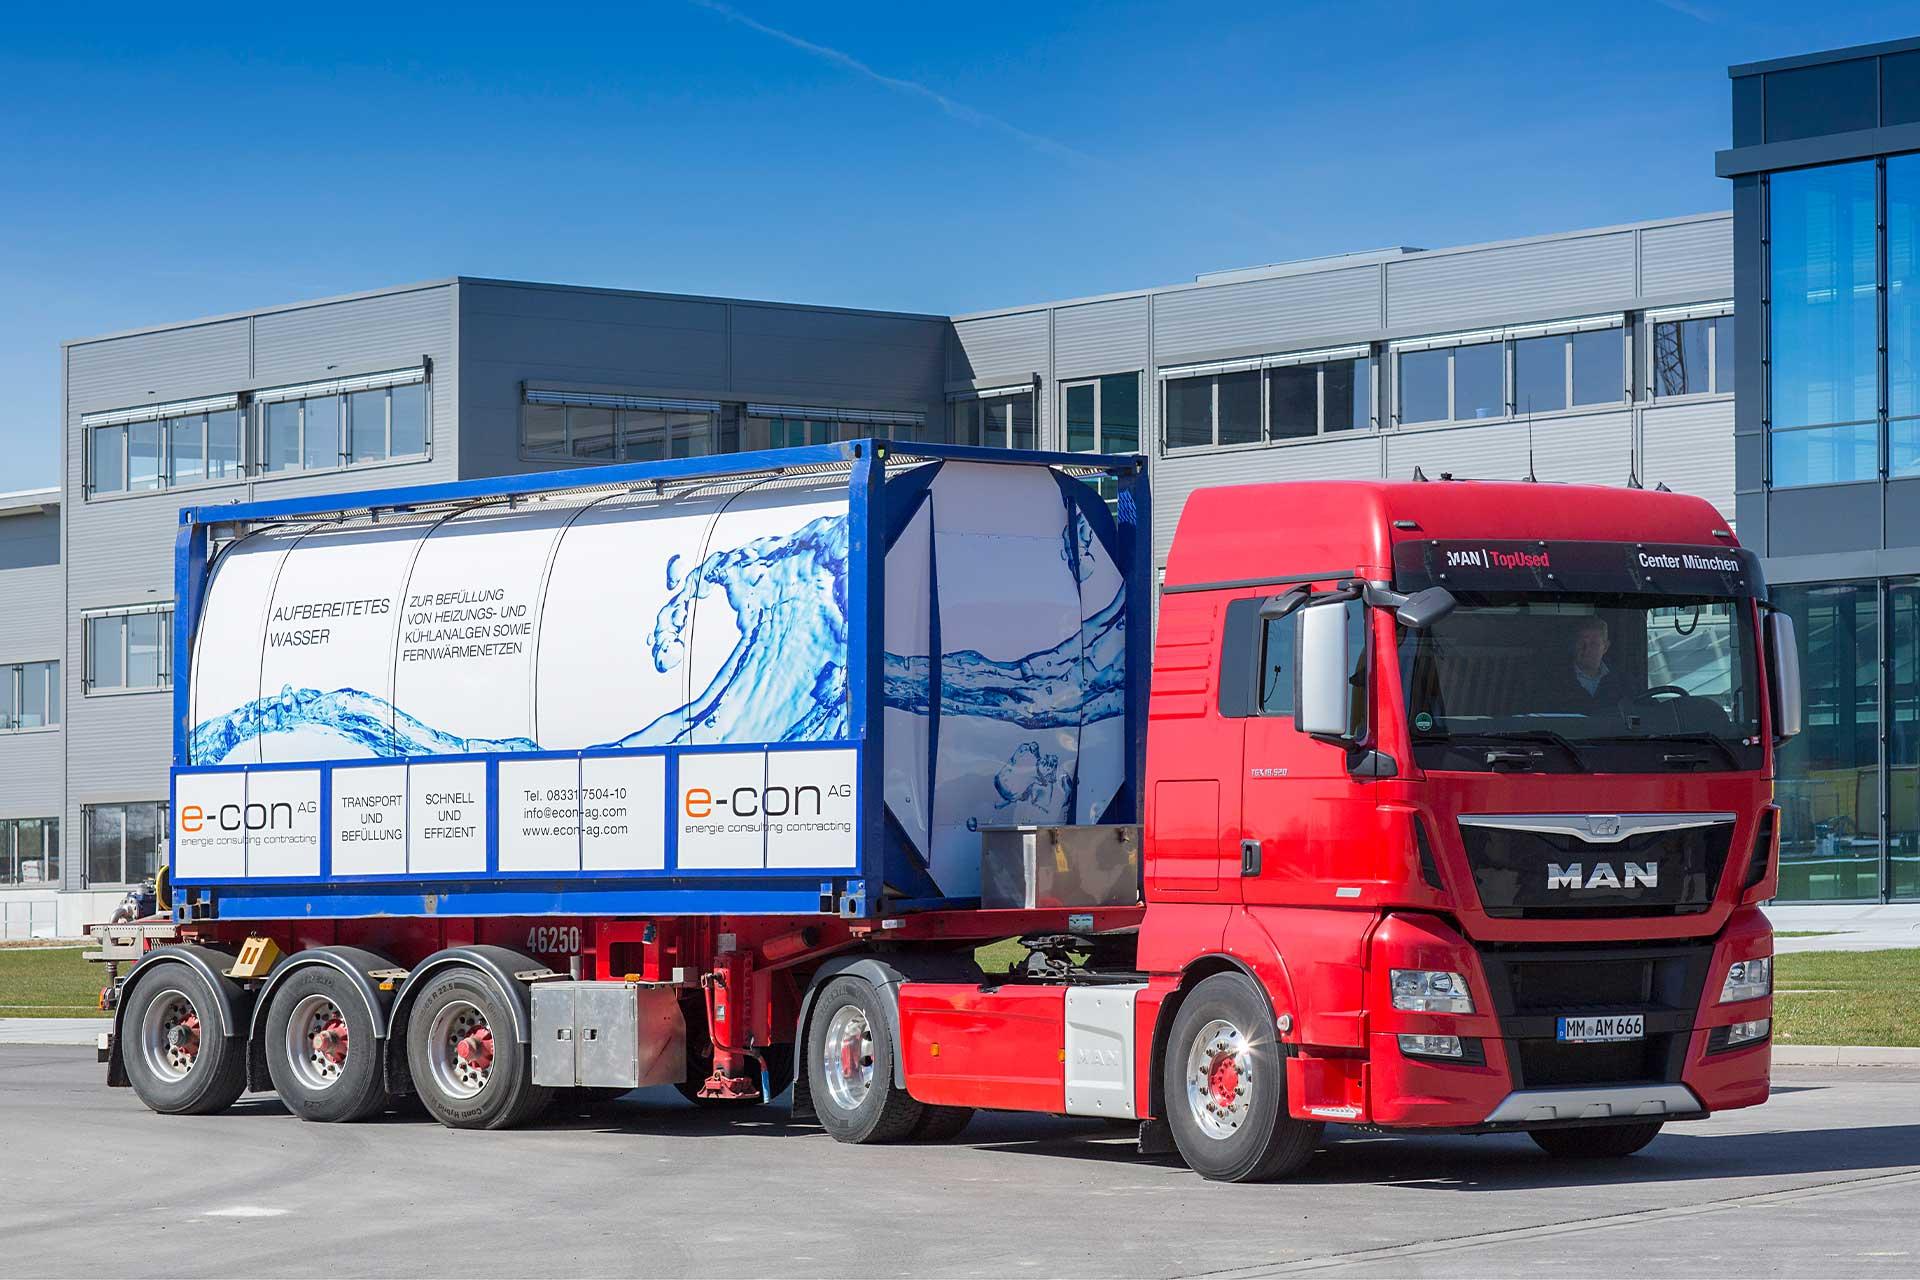 Truck für den Transport von aufbereitetem Wasser, wie Vollentsalztes Wasser - kurz VE.